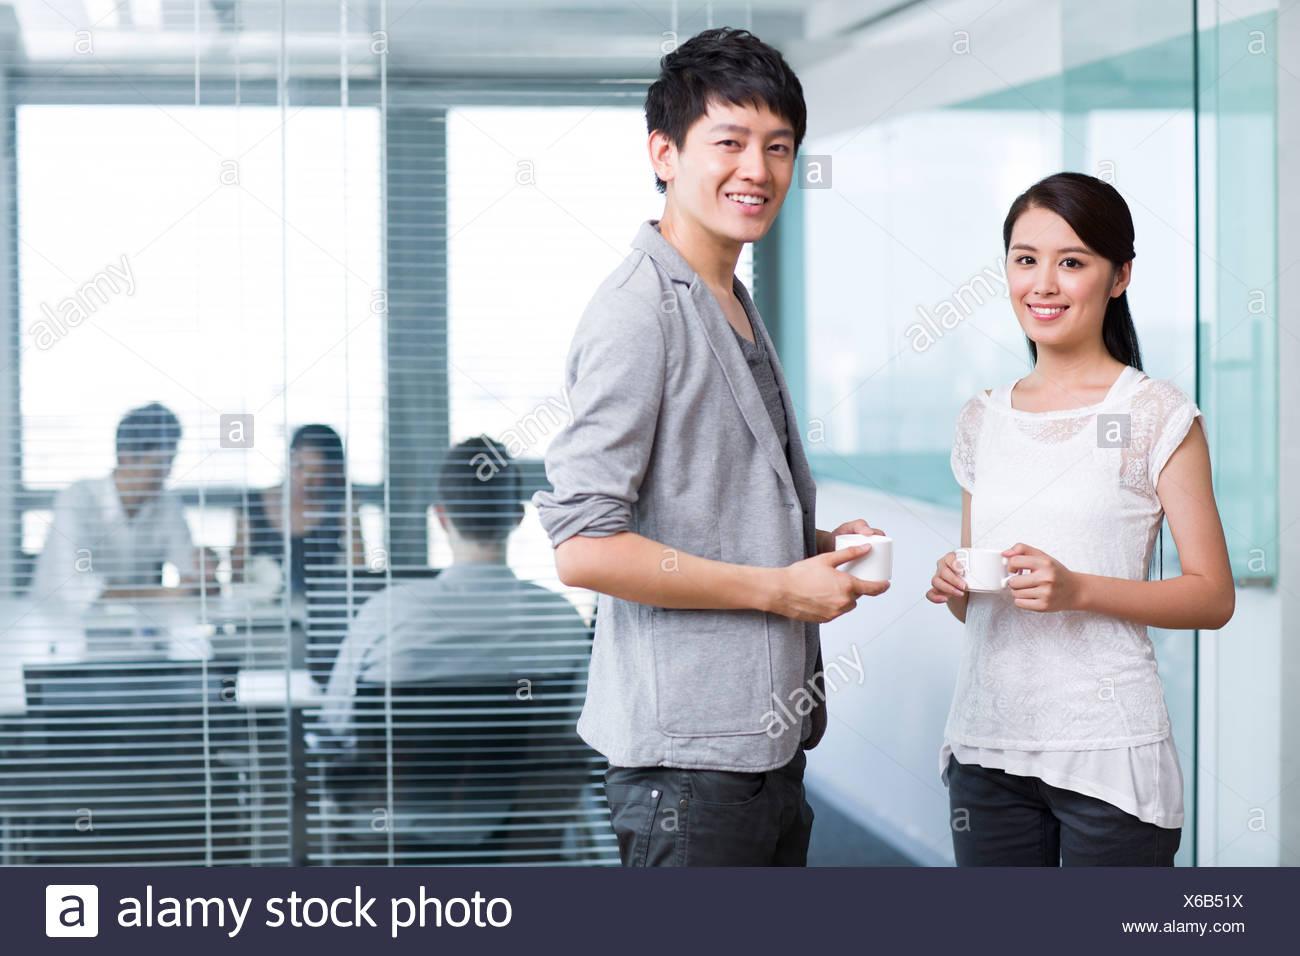 Take Break Coffeebreak : Happy office workers taking a coffee break stock photo